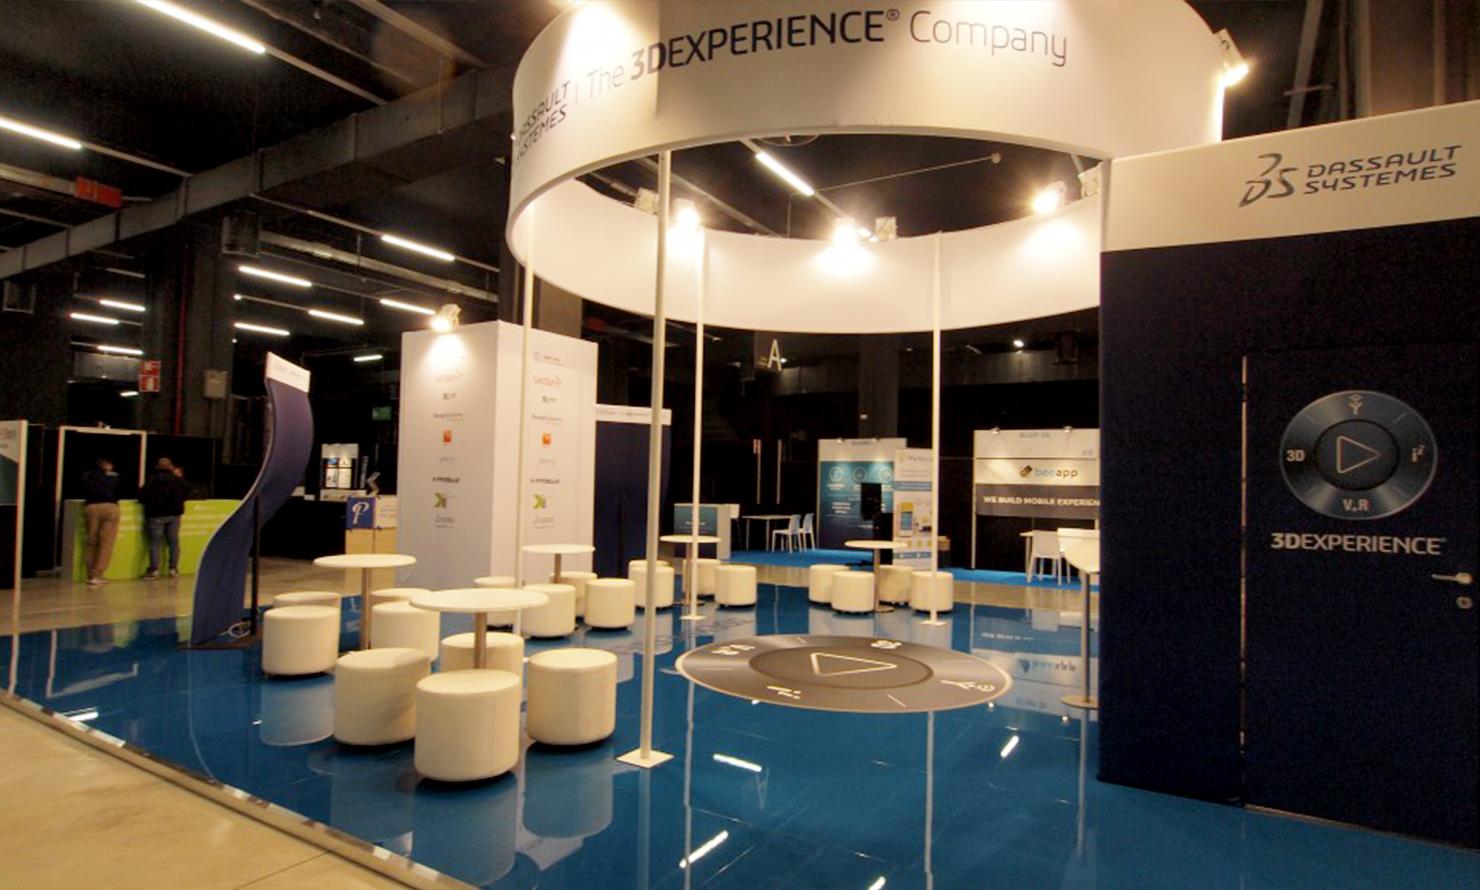 https://www.kubelibre.com/uploads/Slider-work-tutti-clienti/dassault-systèmes-exhibition-international-technology-hub-2.jpg